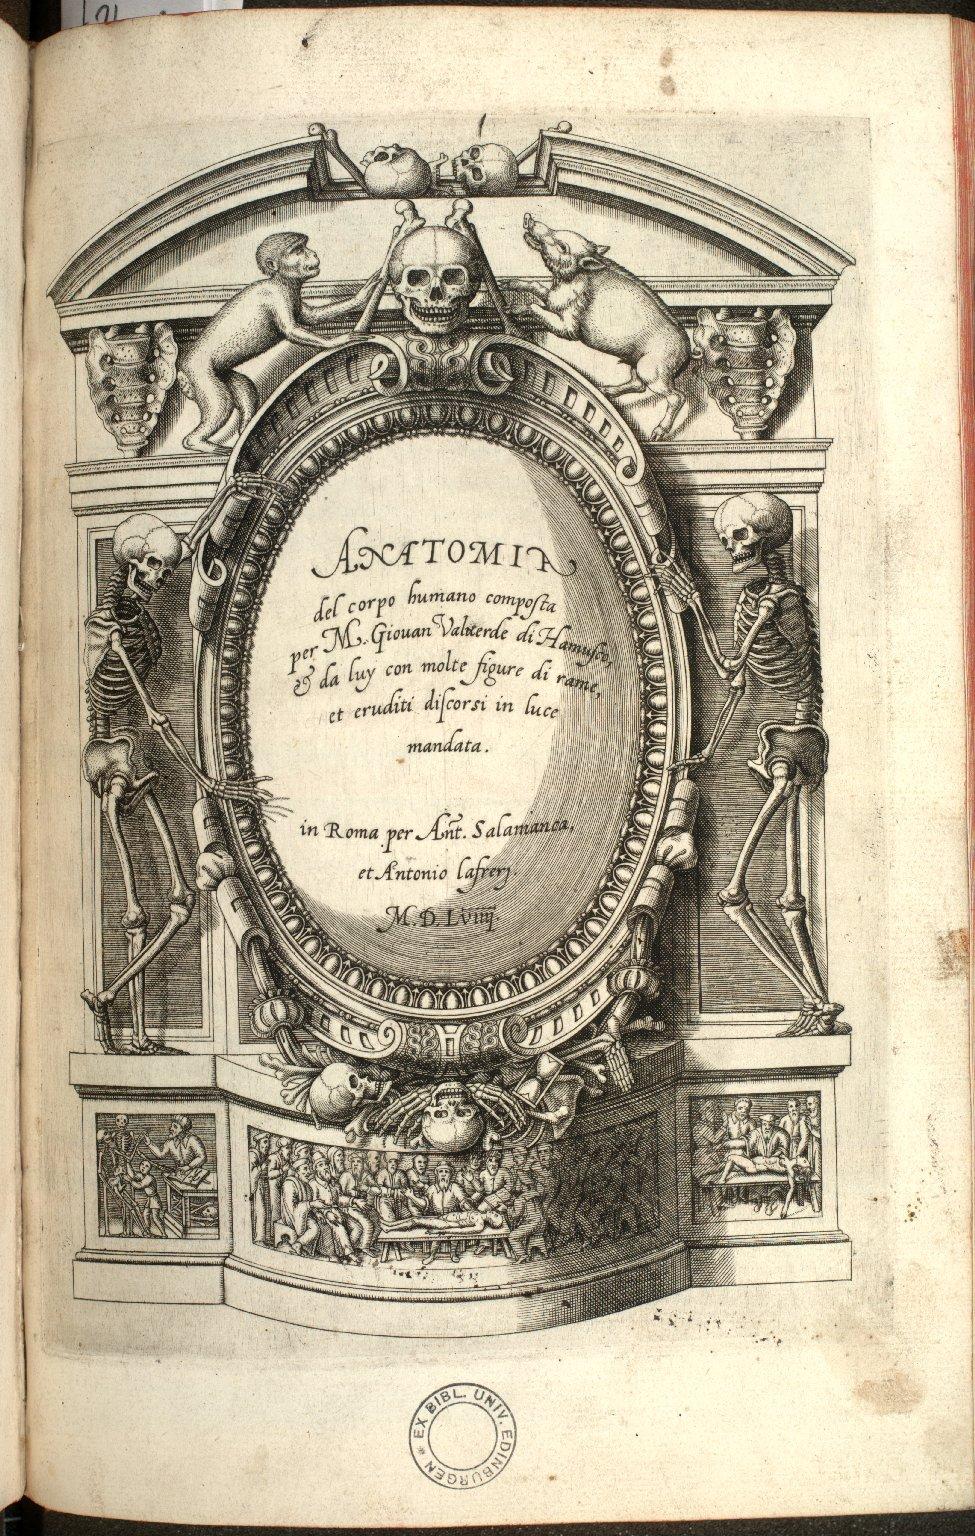 [Title Page of the Anatomia del Corpo Humano]